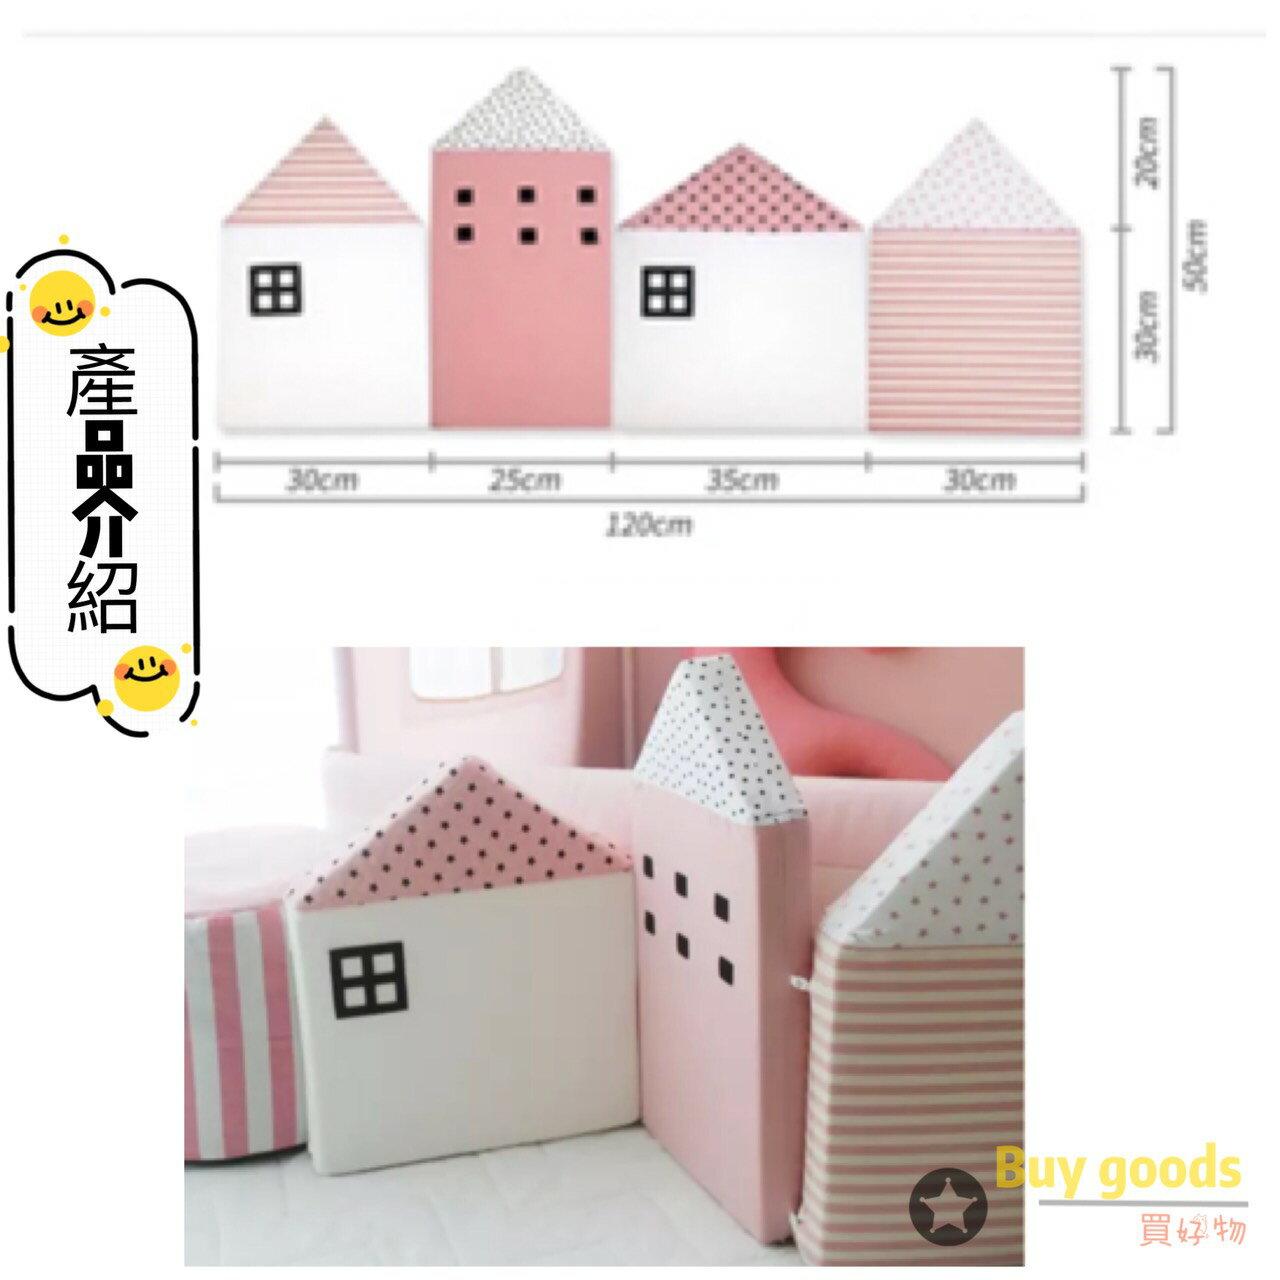 兒童床圍/防撞靠墊/嬰幼兒童軟包床圍/牆壁裝飾/北歐可愛小房子靠墊防撞頭保護安全